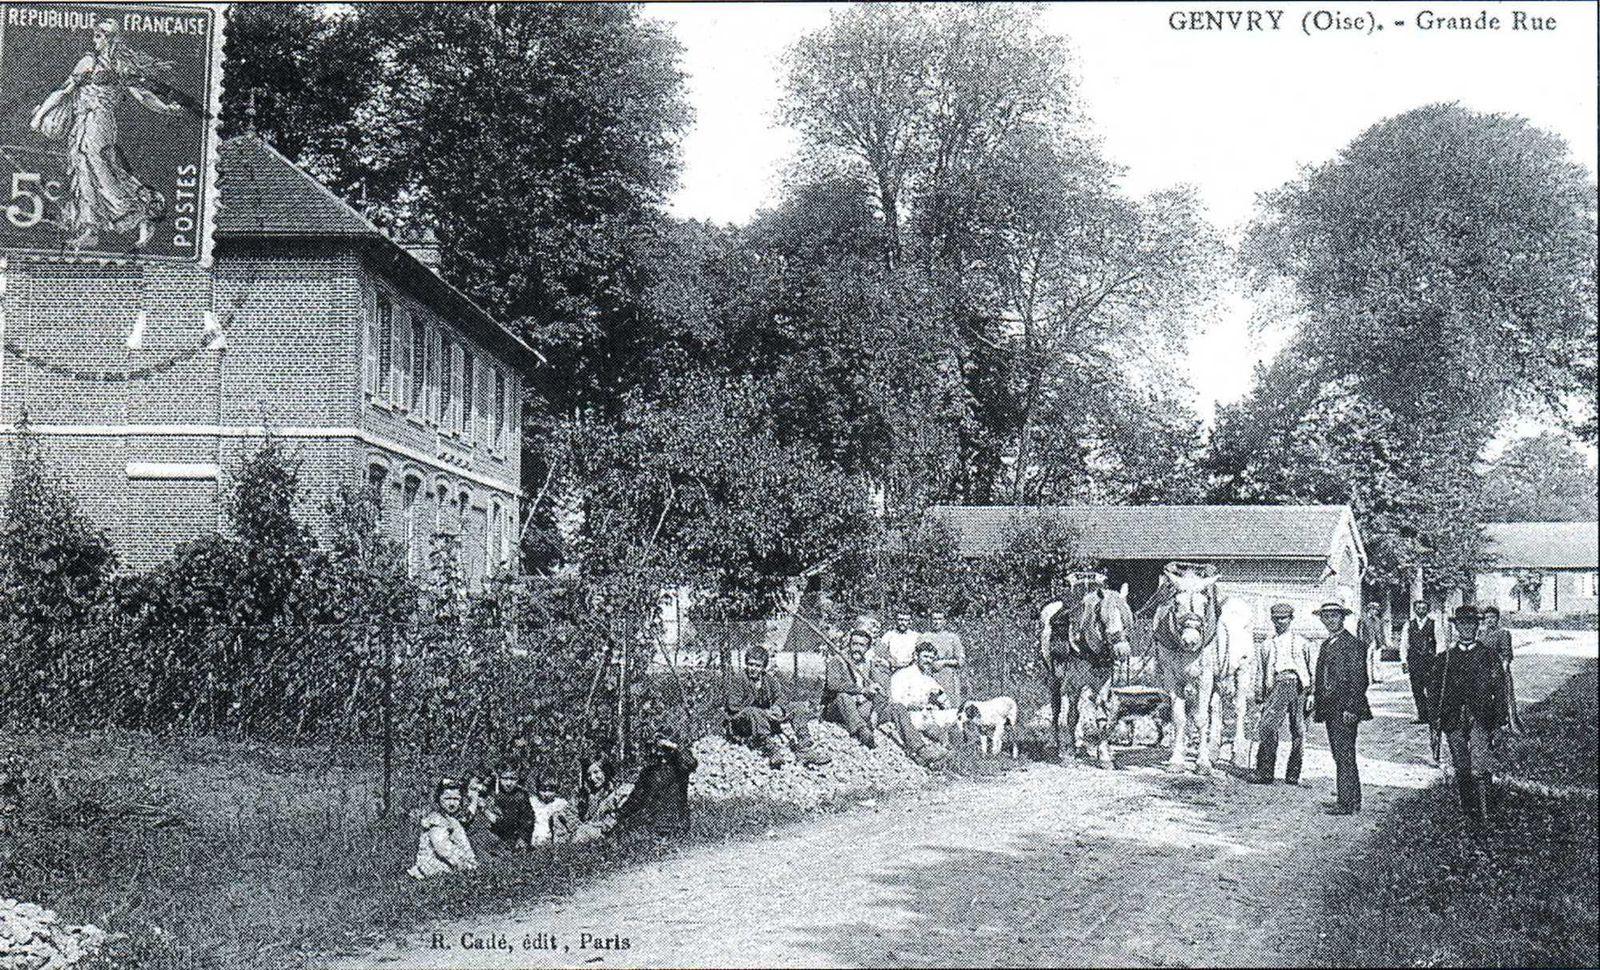 Album - le village de Genvry (Oise)